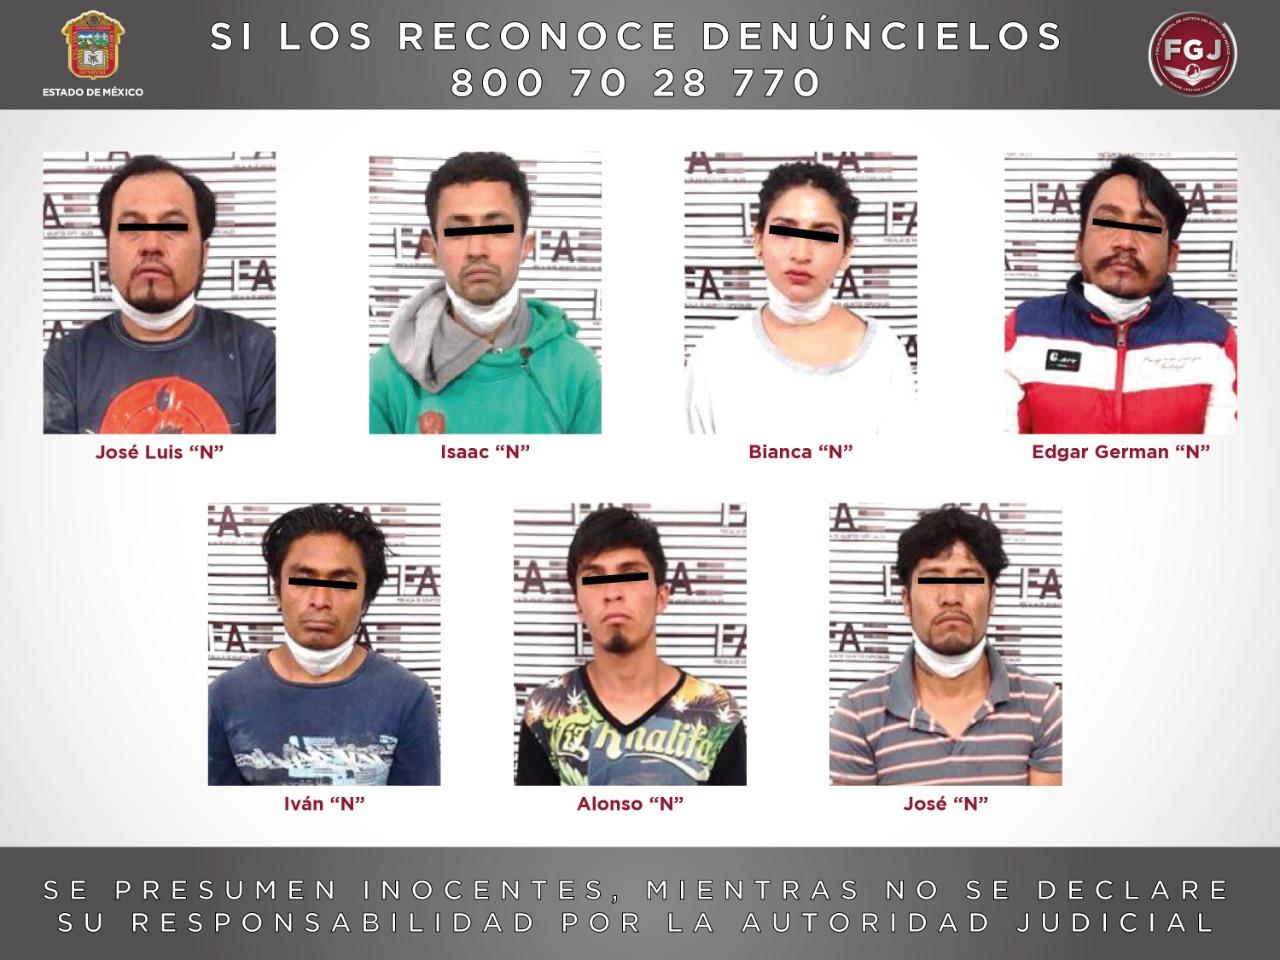 DESARTICULAN CÉLULA DE LA FAMILIA MICHOACANA, INVESTIGADA EN VARIOS HOMICIDIOS